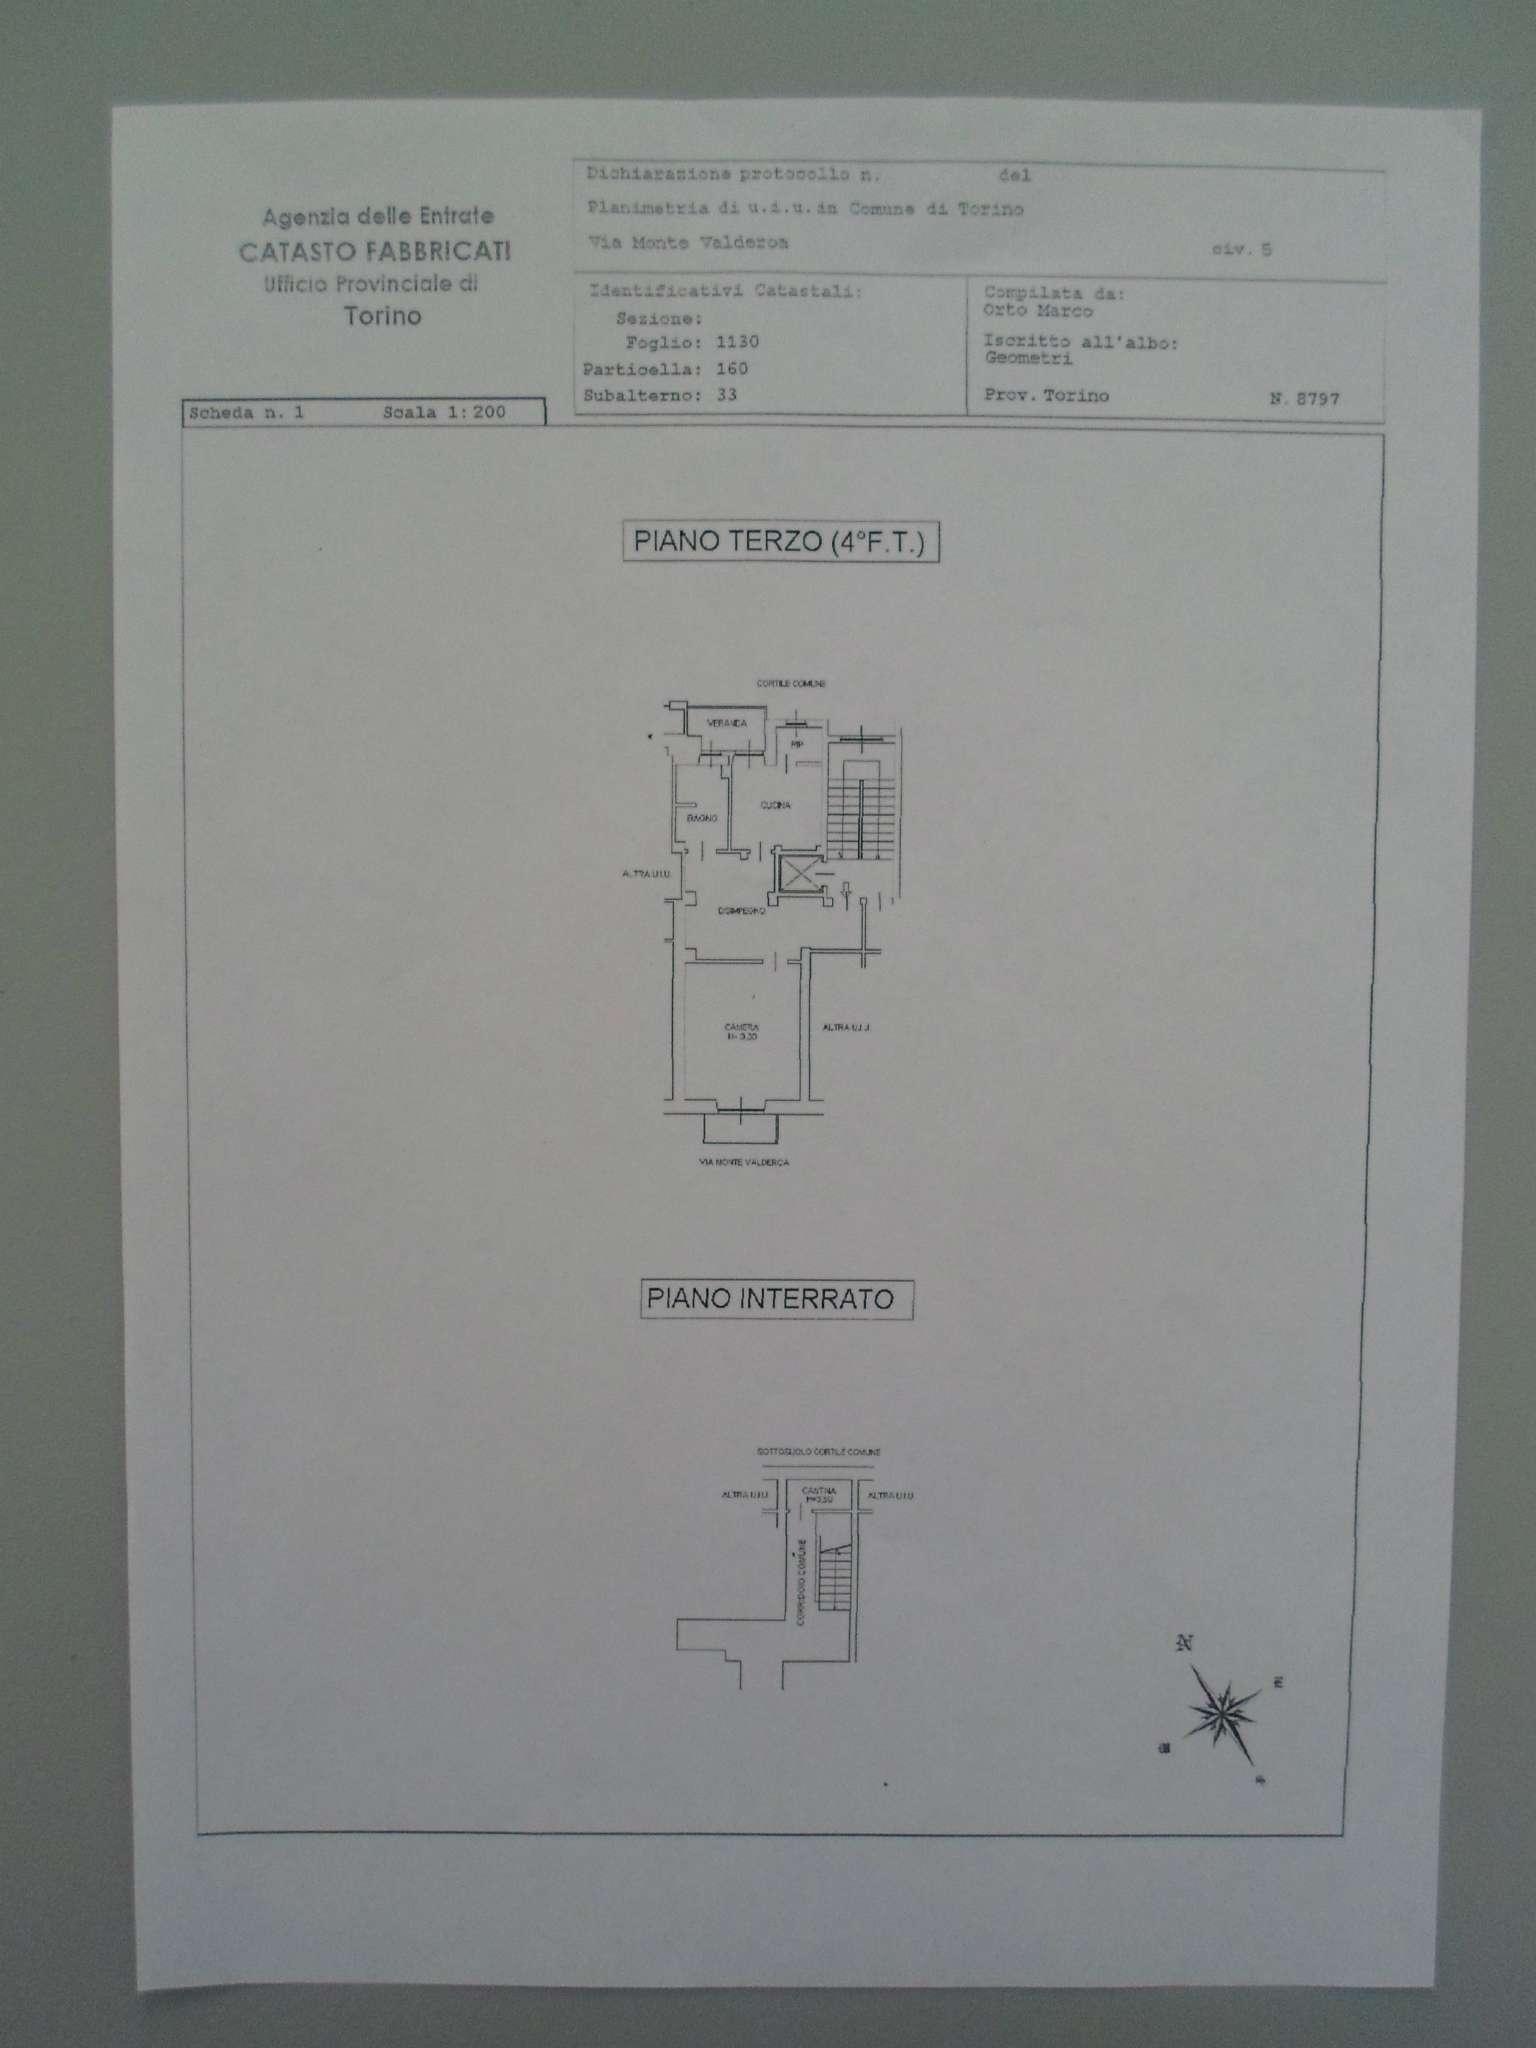 Vendita  bilocale Torino Via Monte Valderoa 1 834569